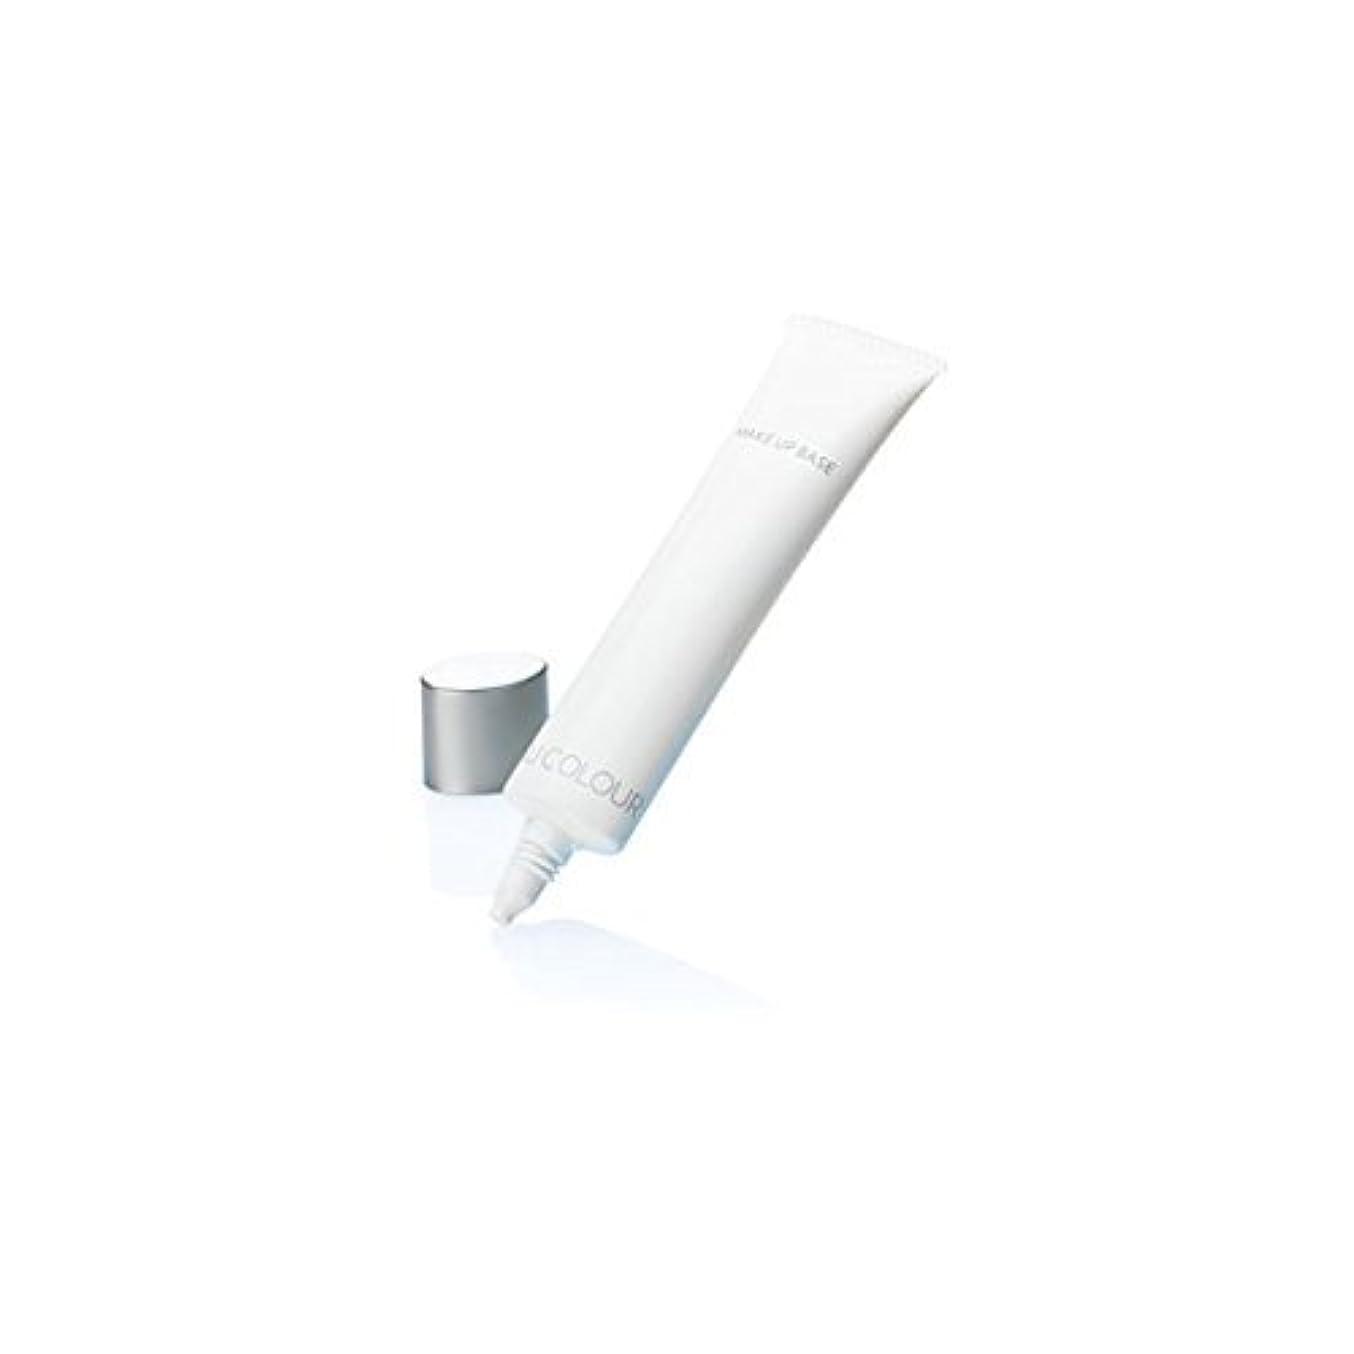 浸すレギュラー安西ニュースキン NU SKIN UV メイクアップ ベース SPF18?PA++ クリア 03160813